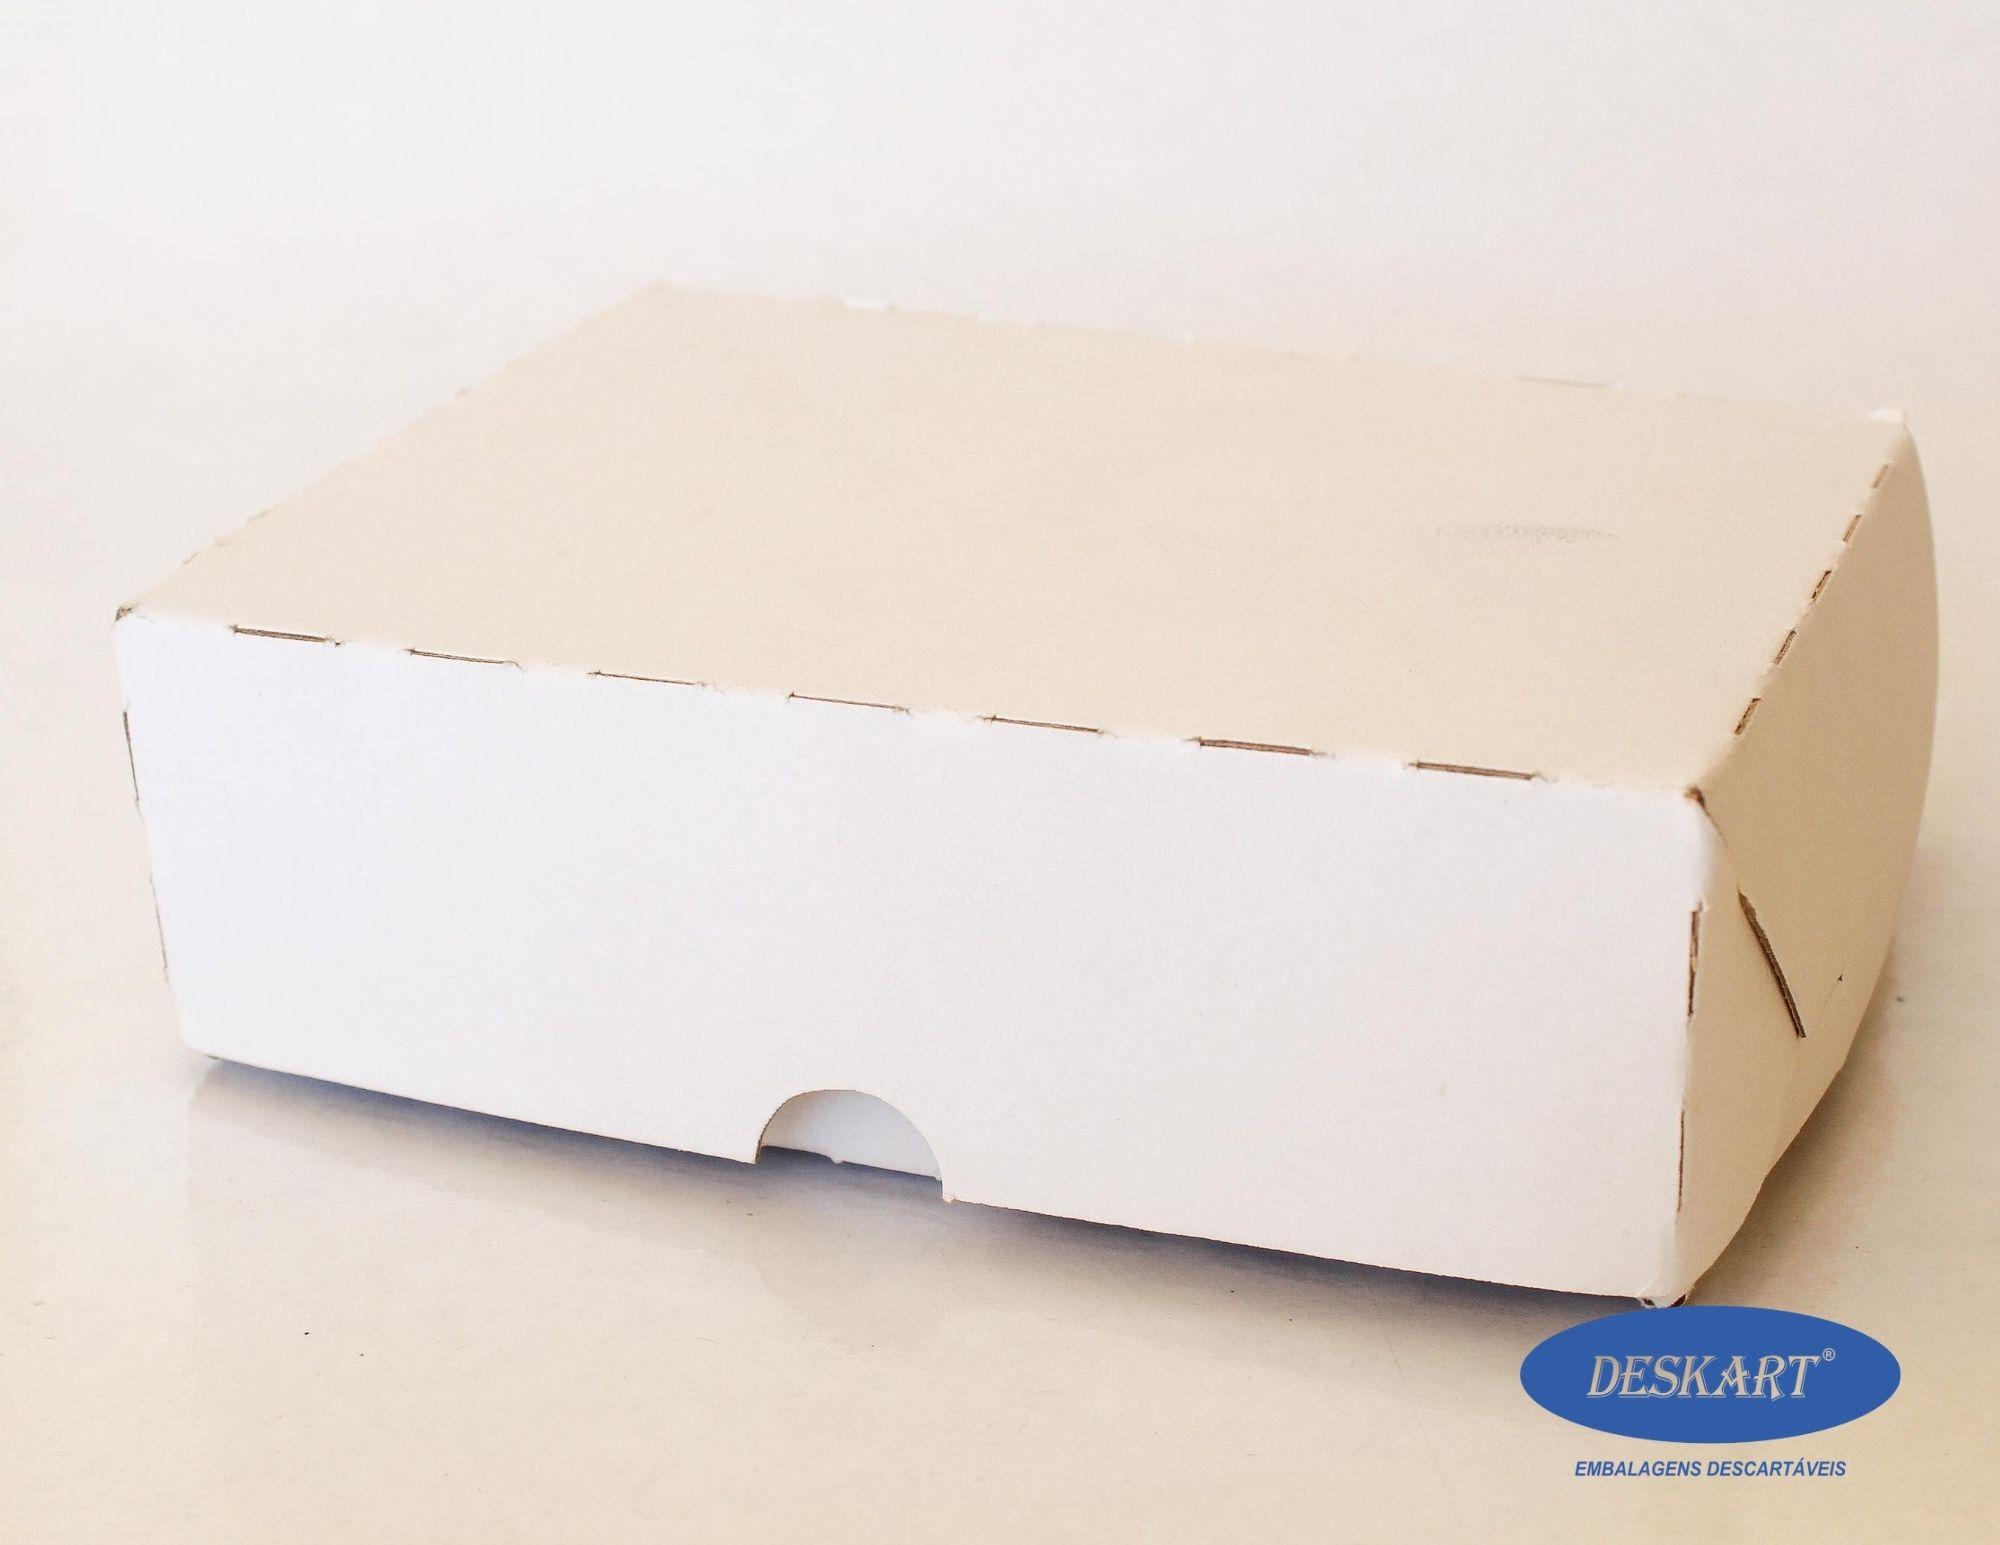 Caixa para doces 16x12x5 - Pacote com 25 unidades